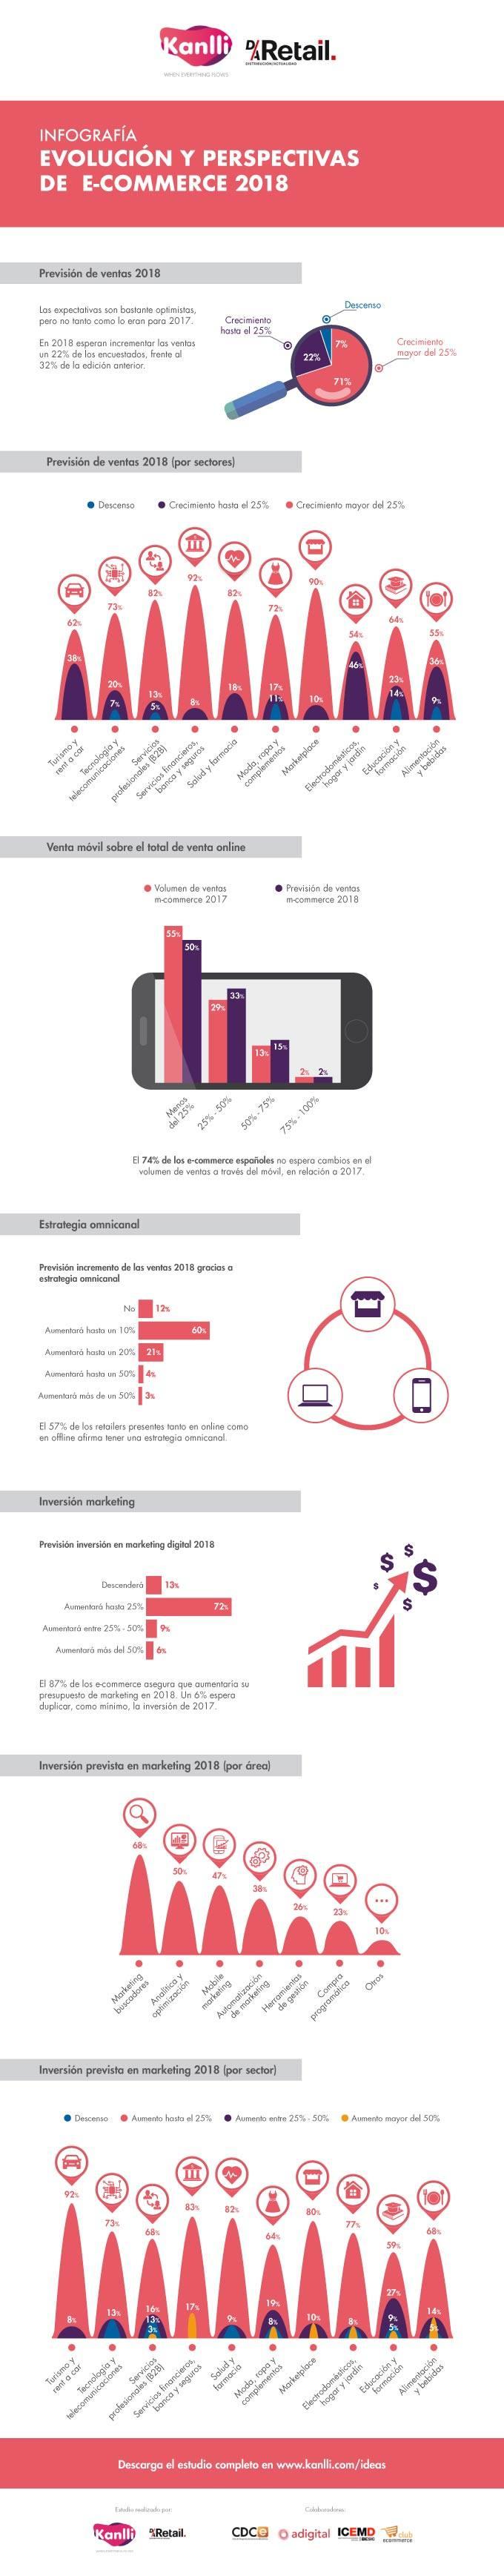 infografia-previsiones-ecommerce-2018